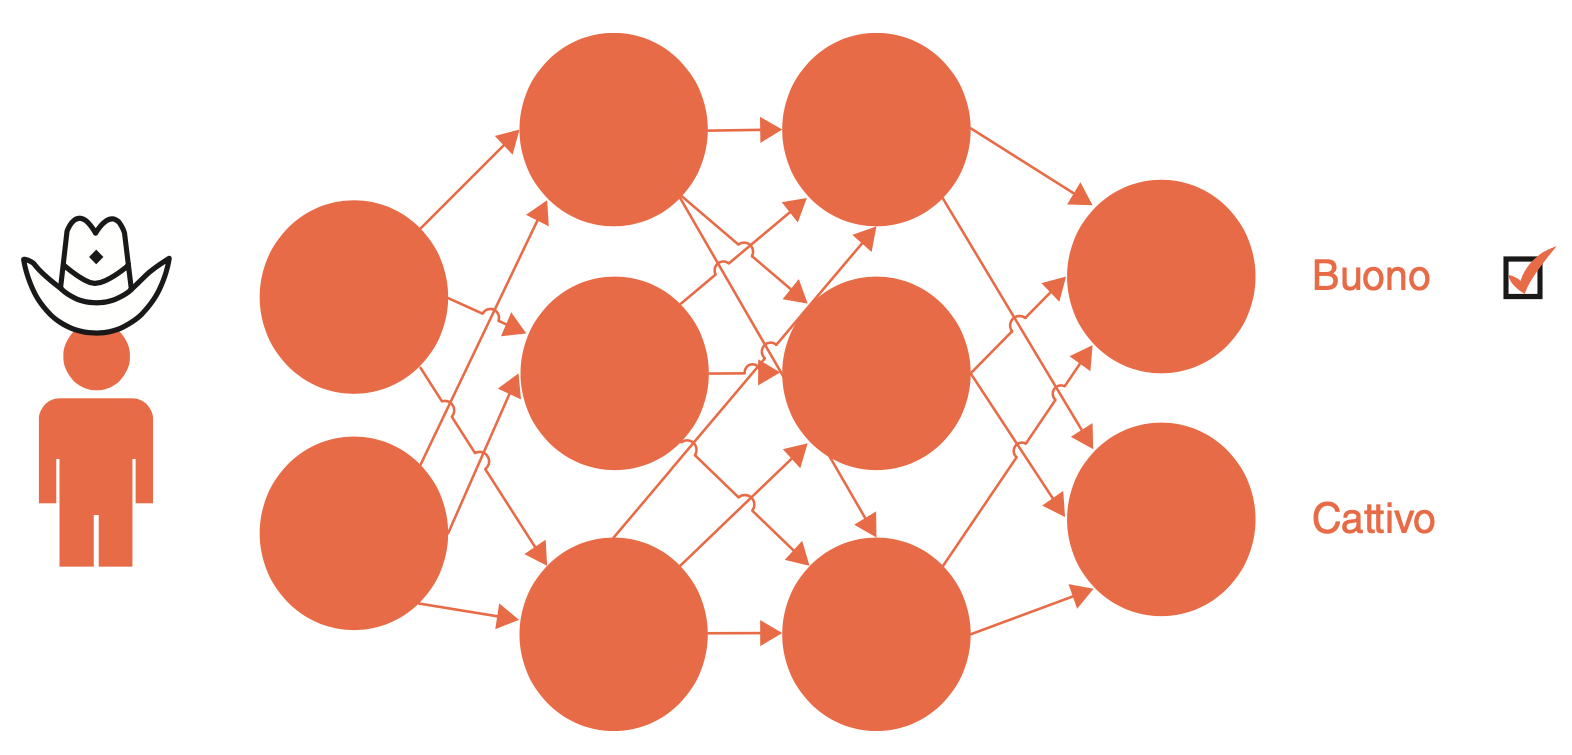 Addestramento di un modello di machine learning con l'immagine di un buono